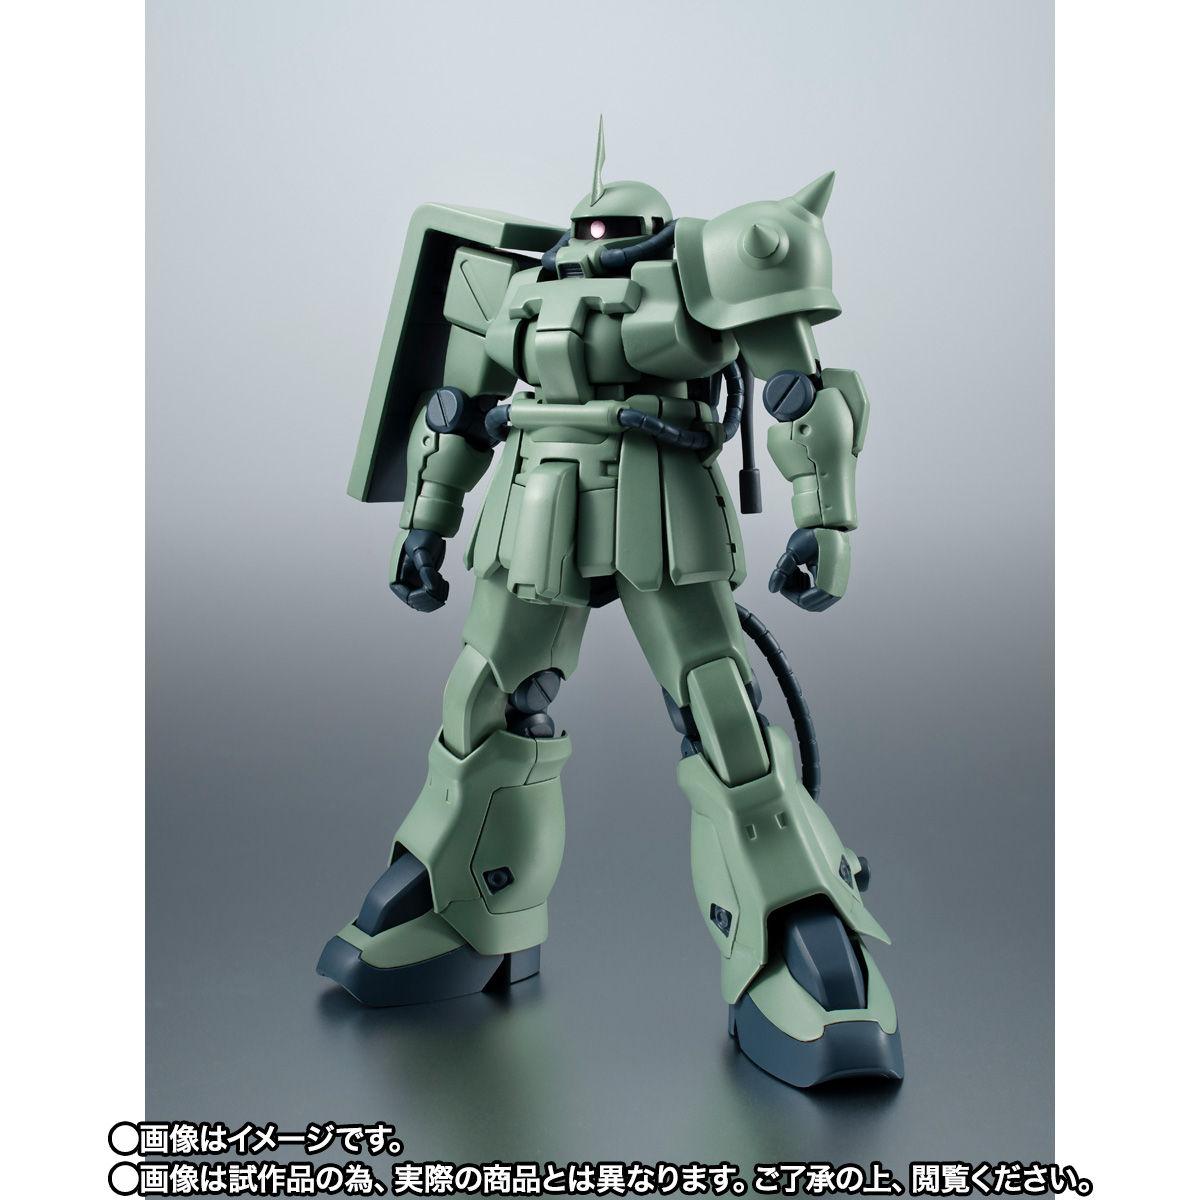 【限定販売】ROBOT魂〈SIDE MS〉『MS-06F-2 ザクII F2型(ノイエン・ビッター)ver. A.N.I.M.E.』ガンダム0083 可動フィギュア-002